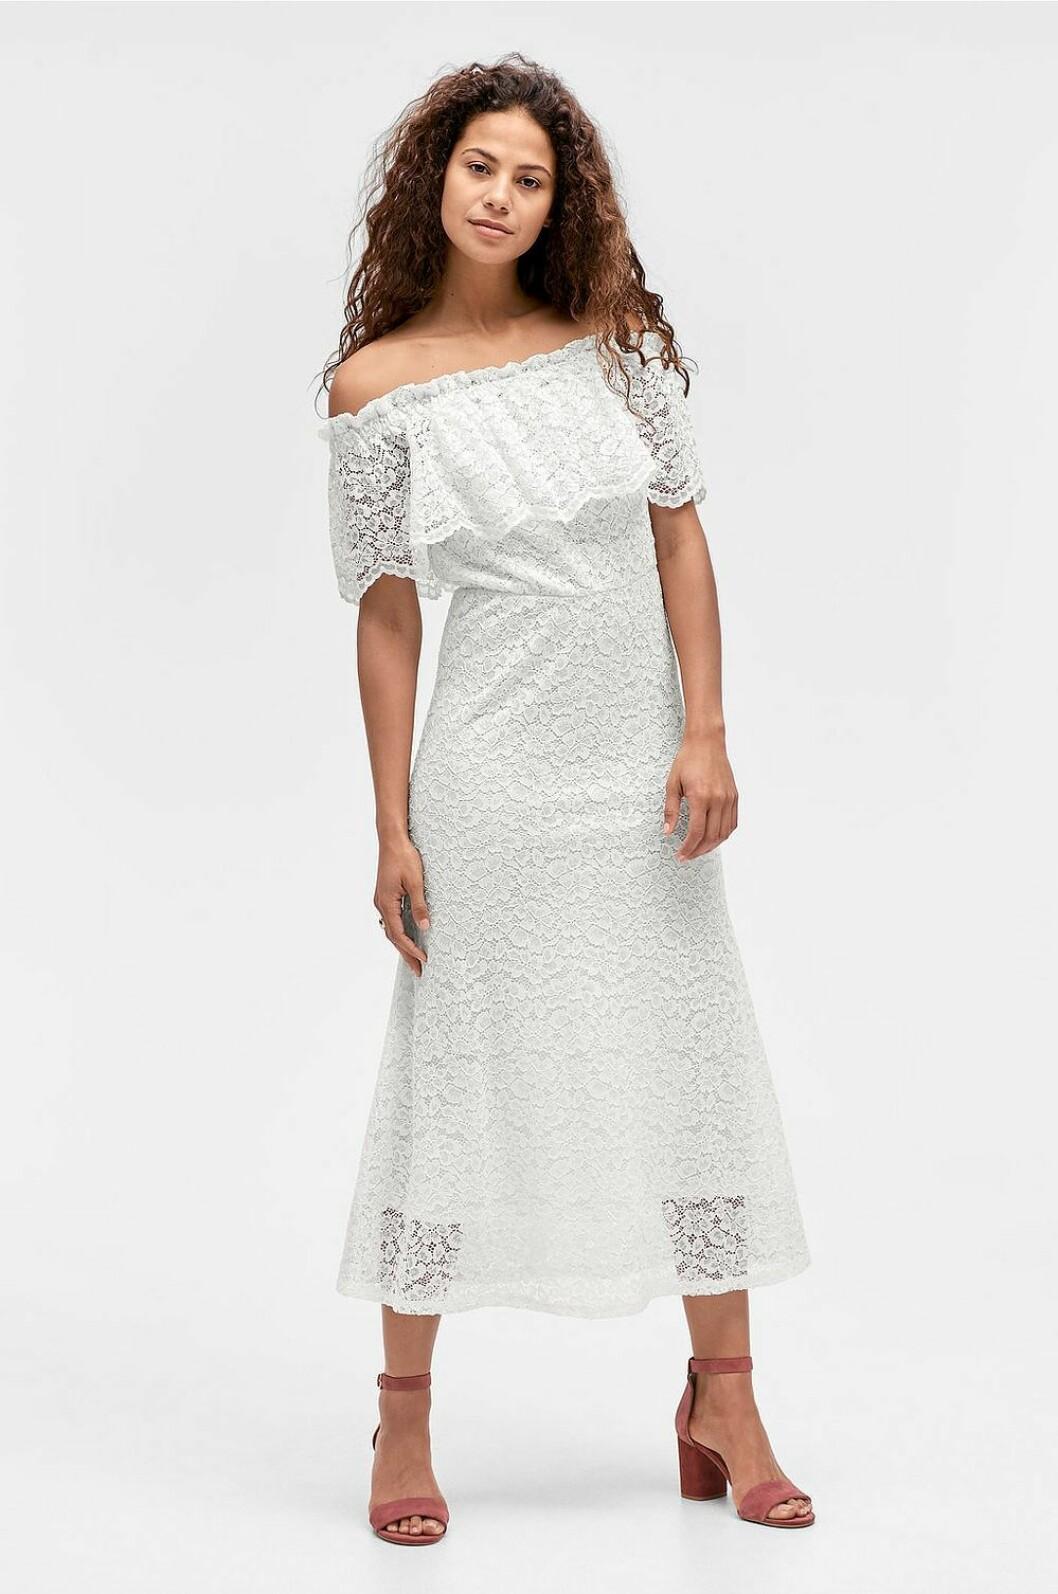 Vit spetsklänning i off shoulder-modell till sommaren 2019